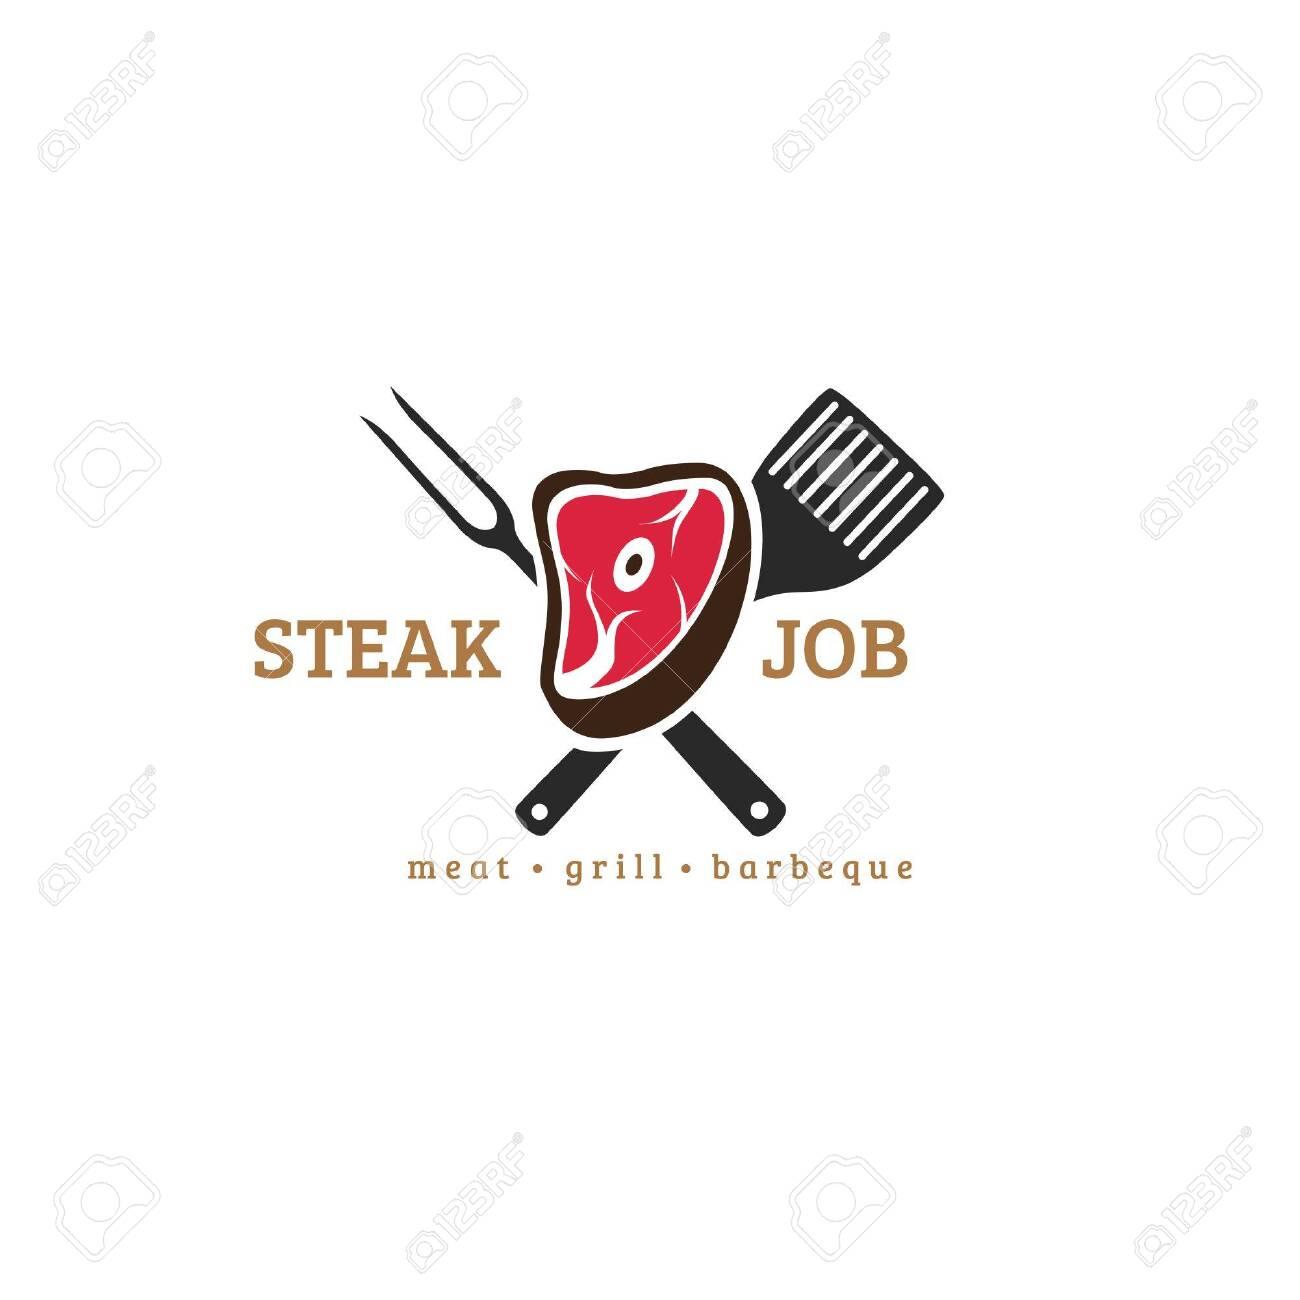 Steak Restaurant Logo With Meat Fork Spatula And Simple Typography Fit For Modern Restaurant Identity Or Logo Ilustraciones Vectoriales Clip Art Vectorizado Libre De Derechos Image 149759359